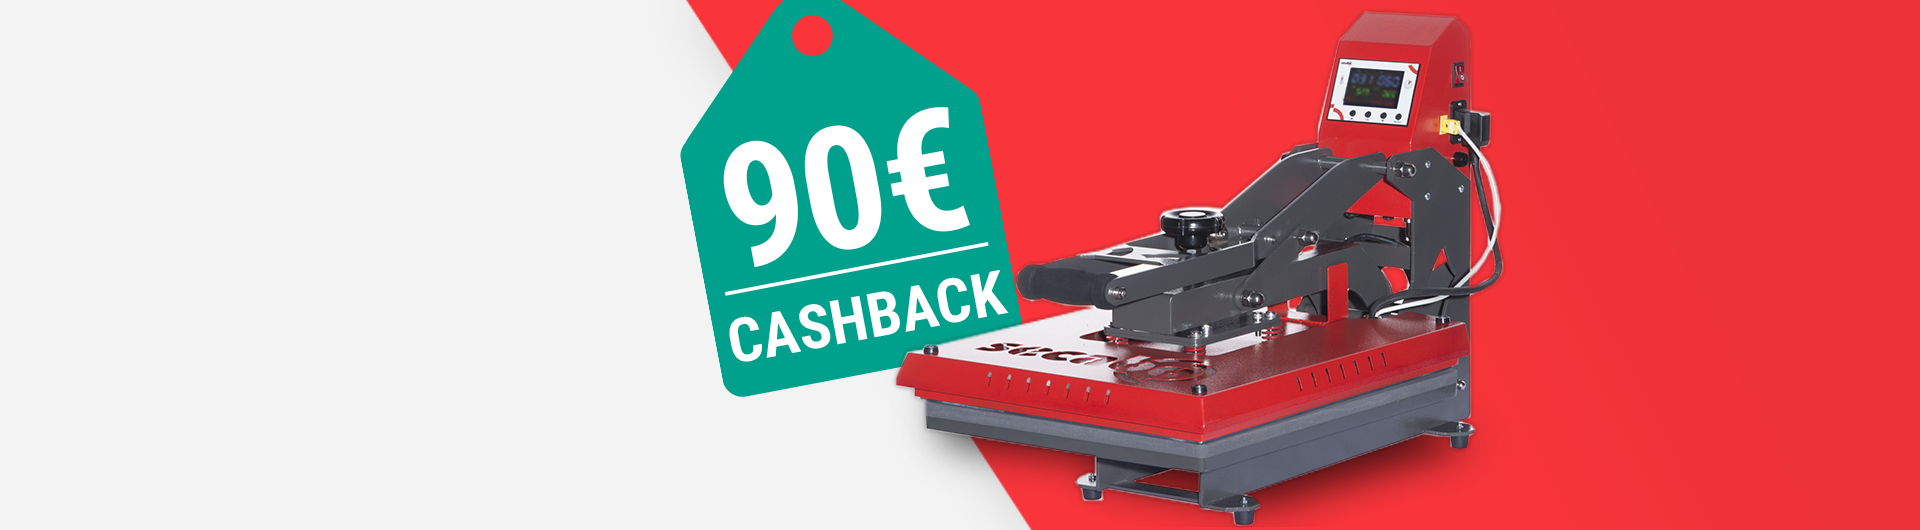 Jetzt 90 EUR CashBack sichern!